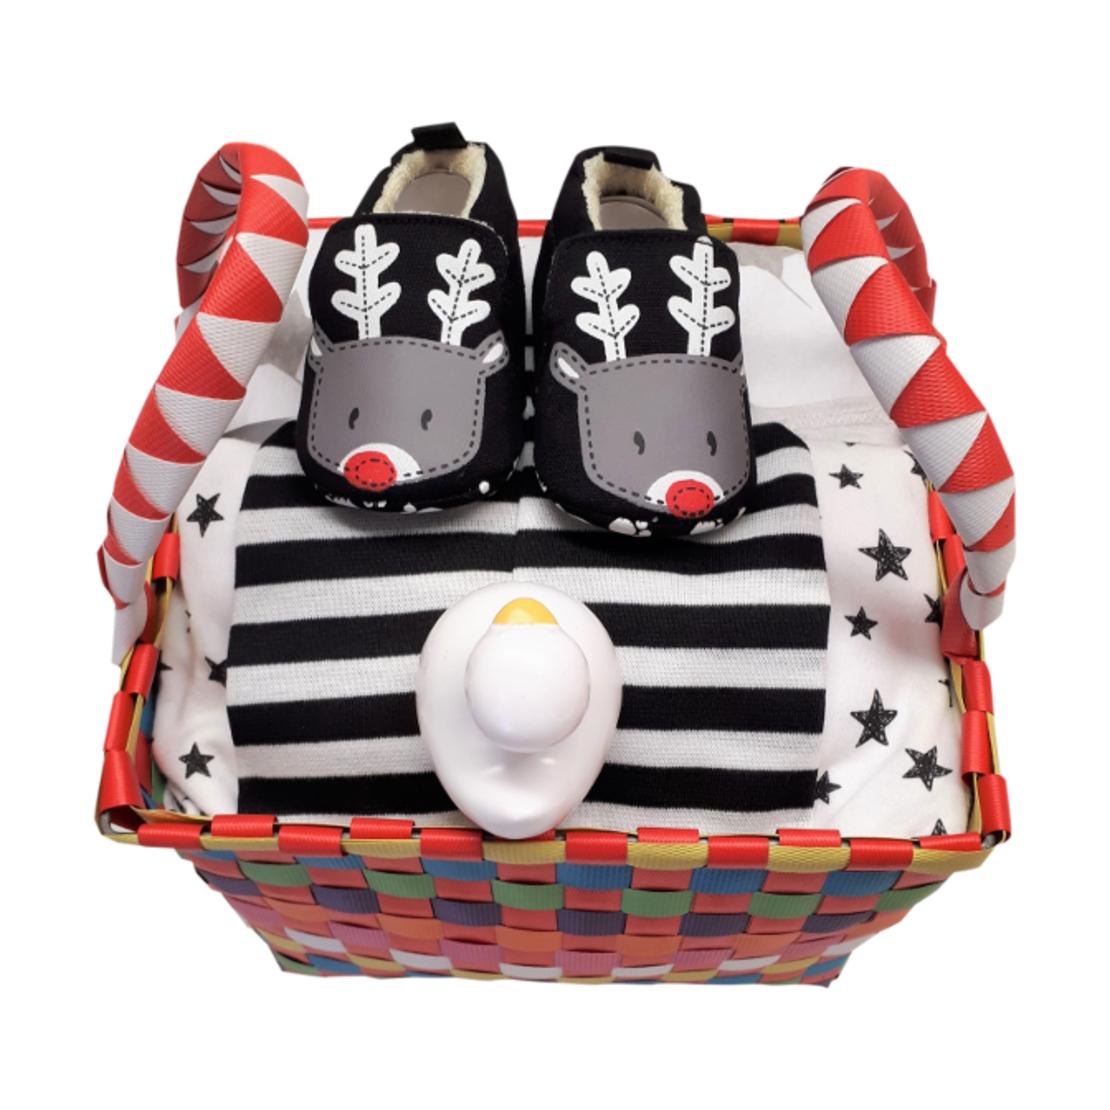 44# - שקט ורגוע לבת ולבן : סל צבעוני קלוע עם כירבולית טטרה ענקית בשחור-לבן, נעלי בית, כובע מפוספס שחור-לבן, ברווזון לאמבט